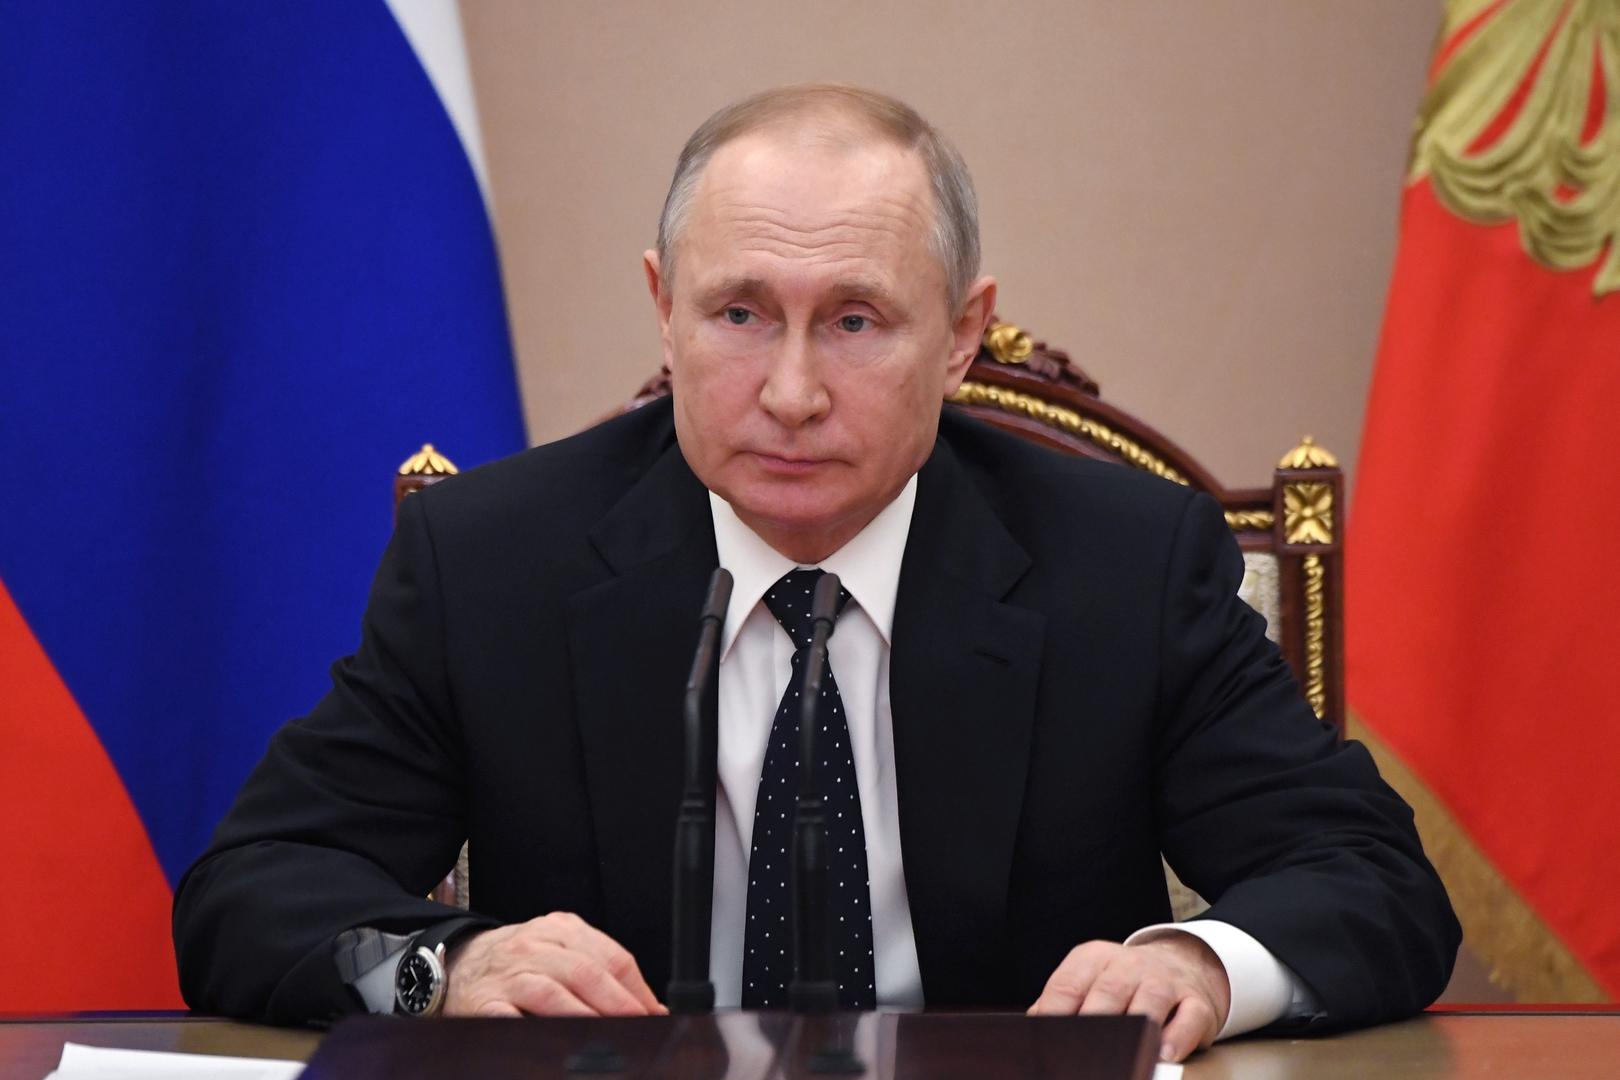 بوتين يوقع على قانون التعديلات الدستورية